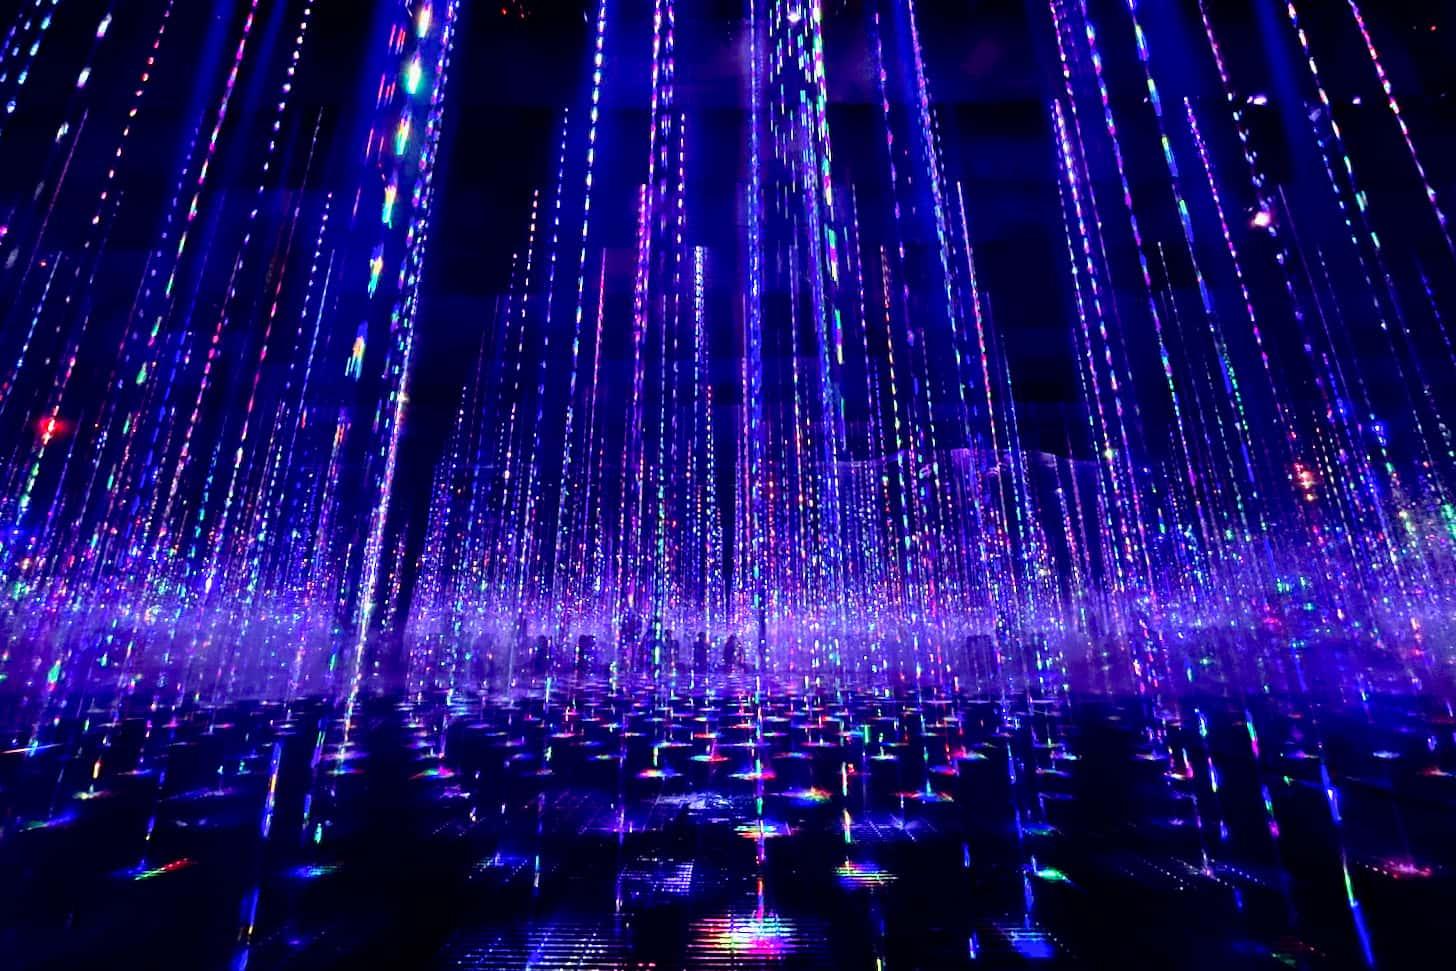 生命は結晶化した儚い光 / Ephemeral Solidified Light